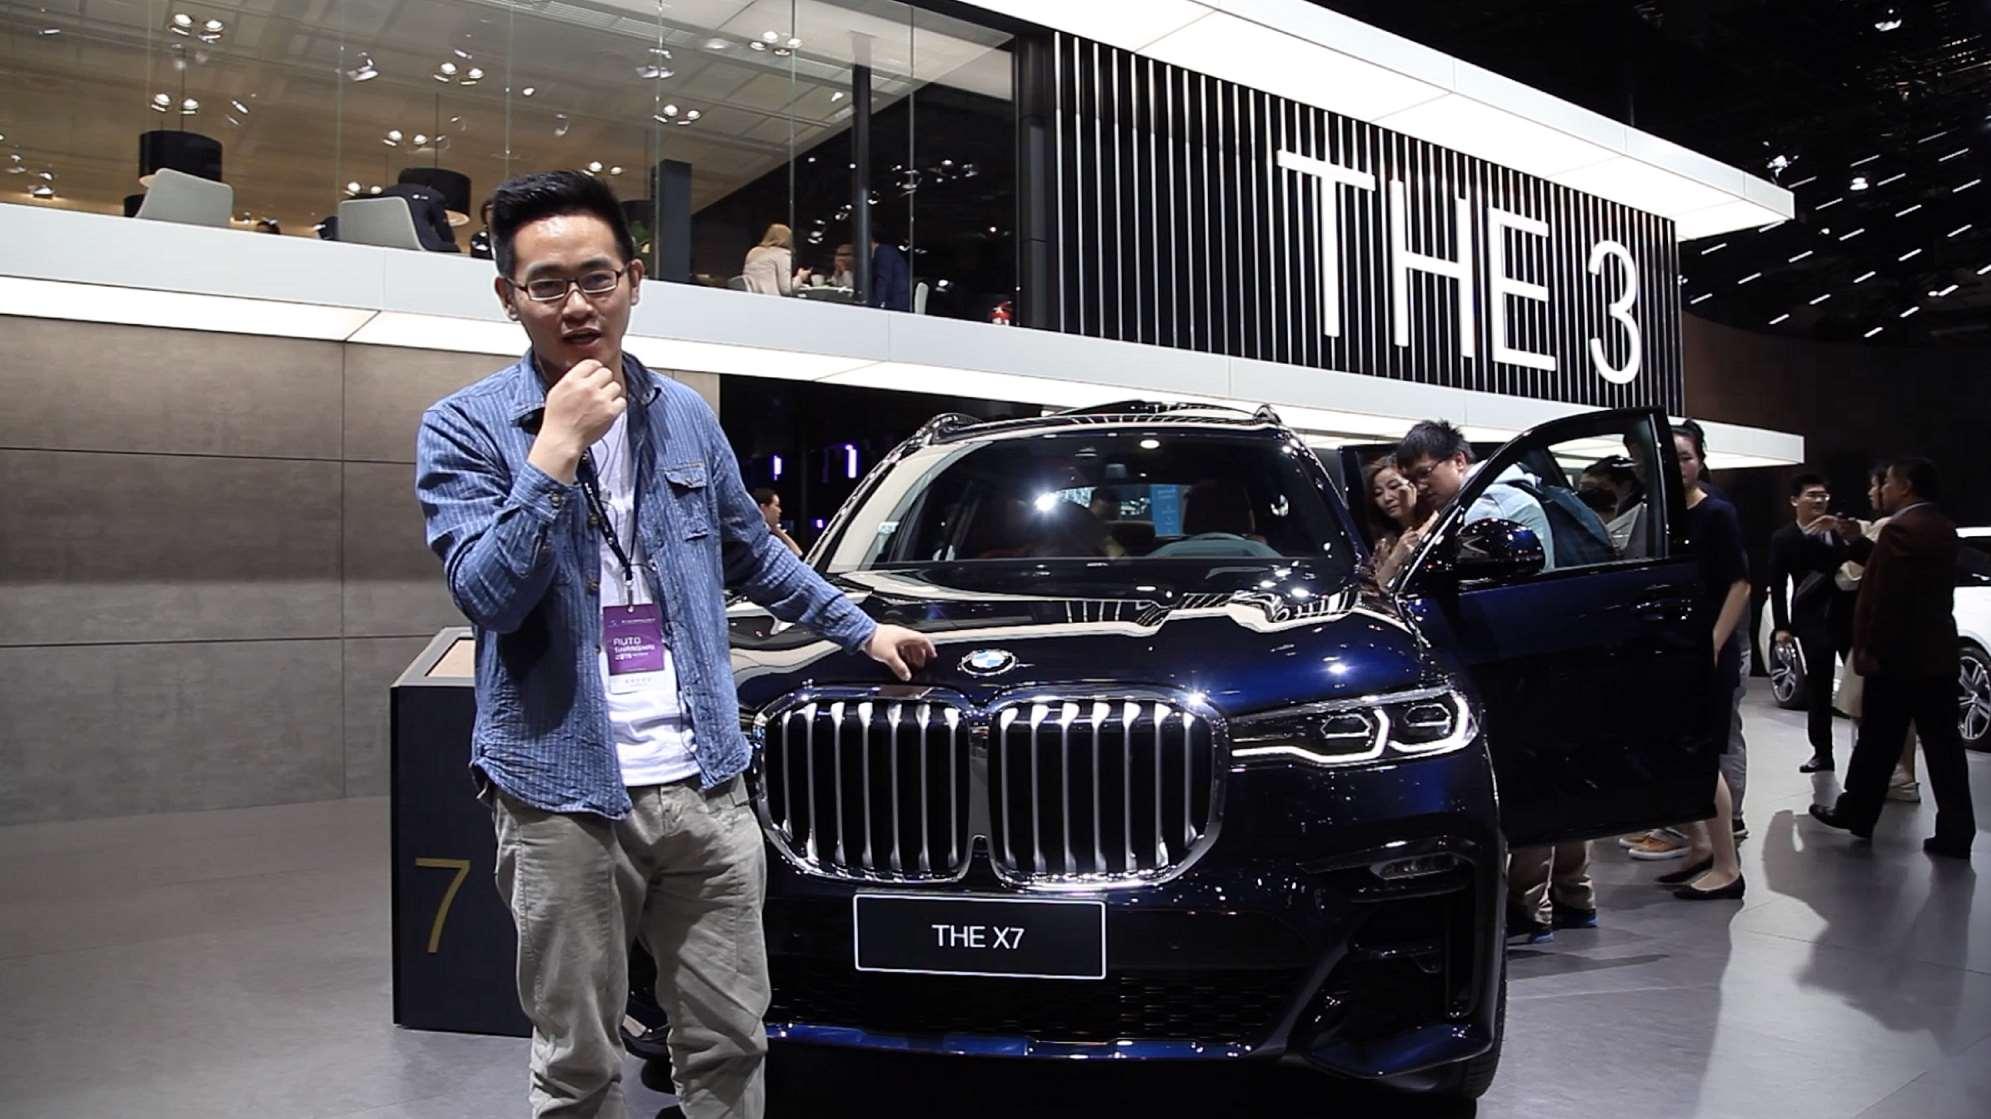 宝马旗舰SUV X7上市,售价100-162.8万元,一配置证明